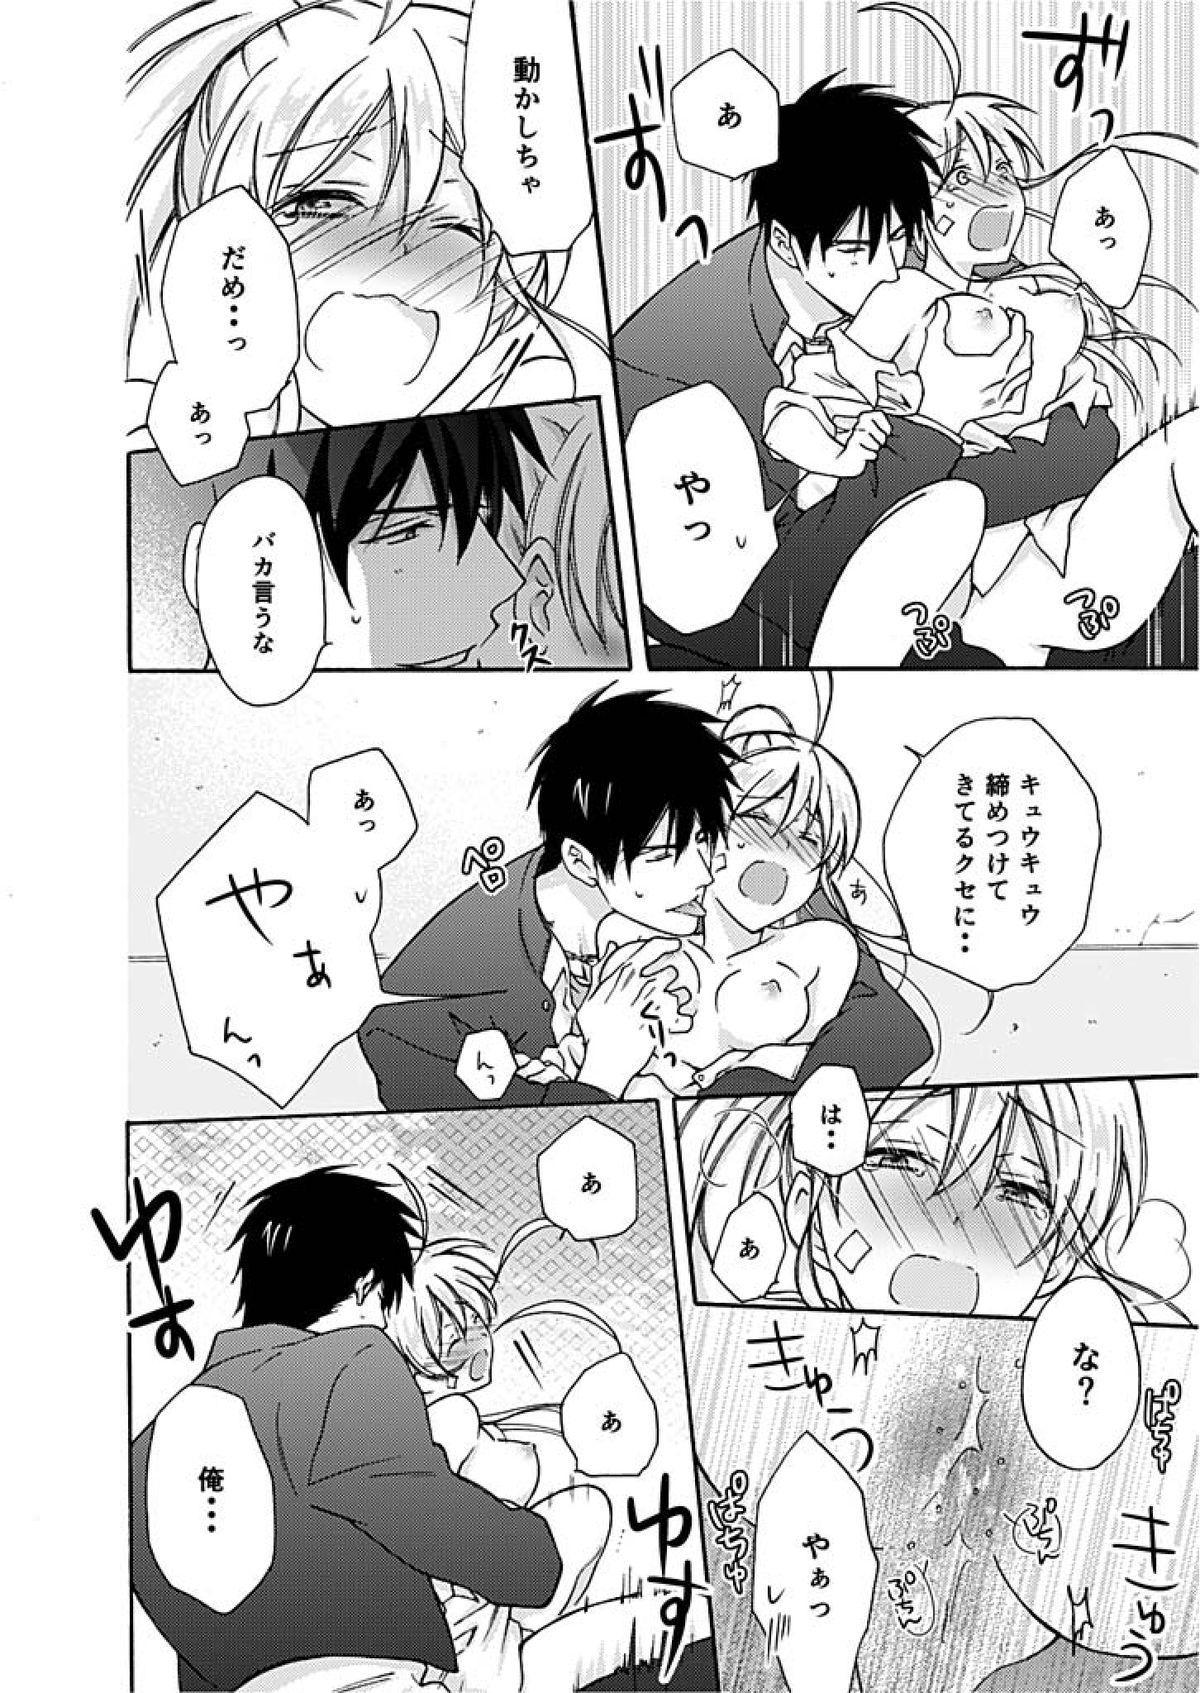 Nyotaika Yankee Gakuen ☆ Ore no Hajimete, Nerawaretemasu. 3 28